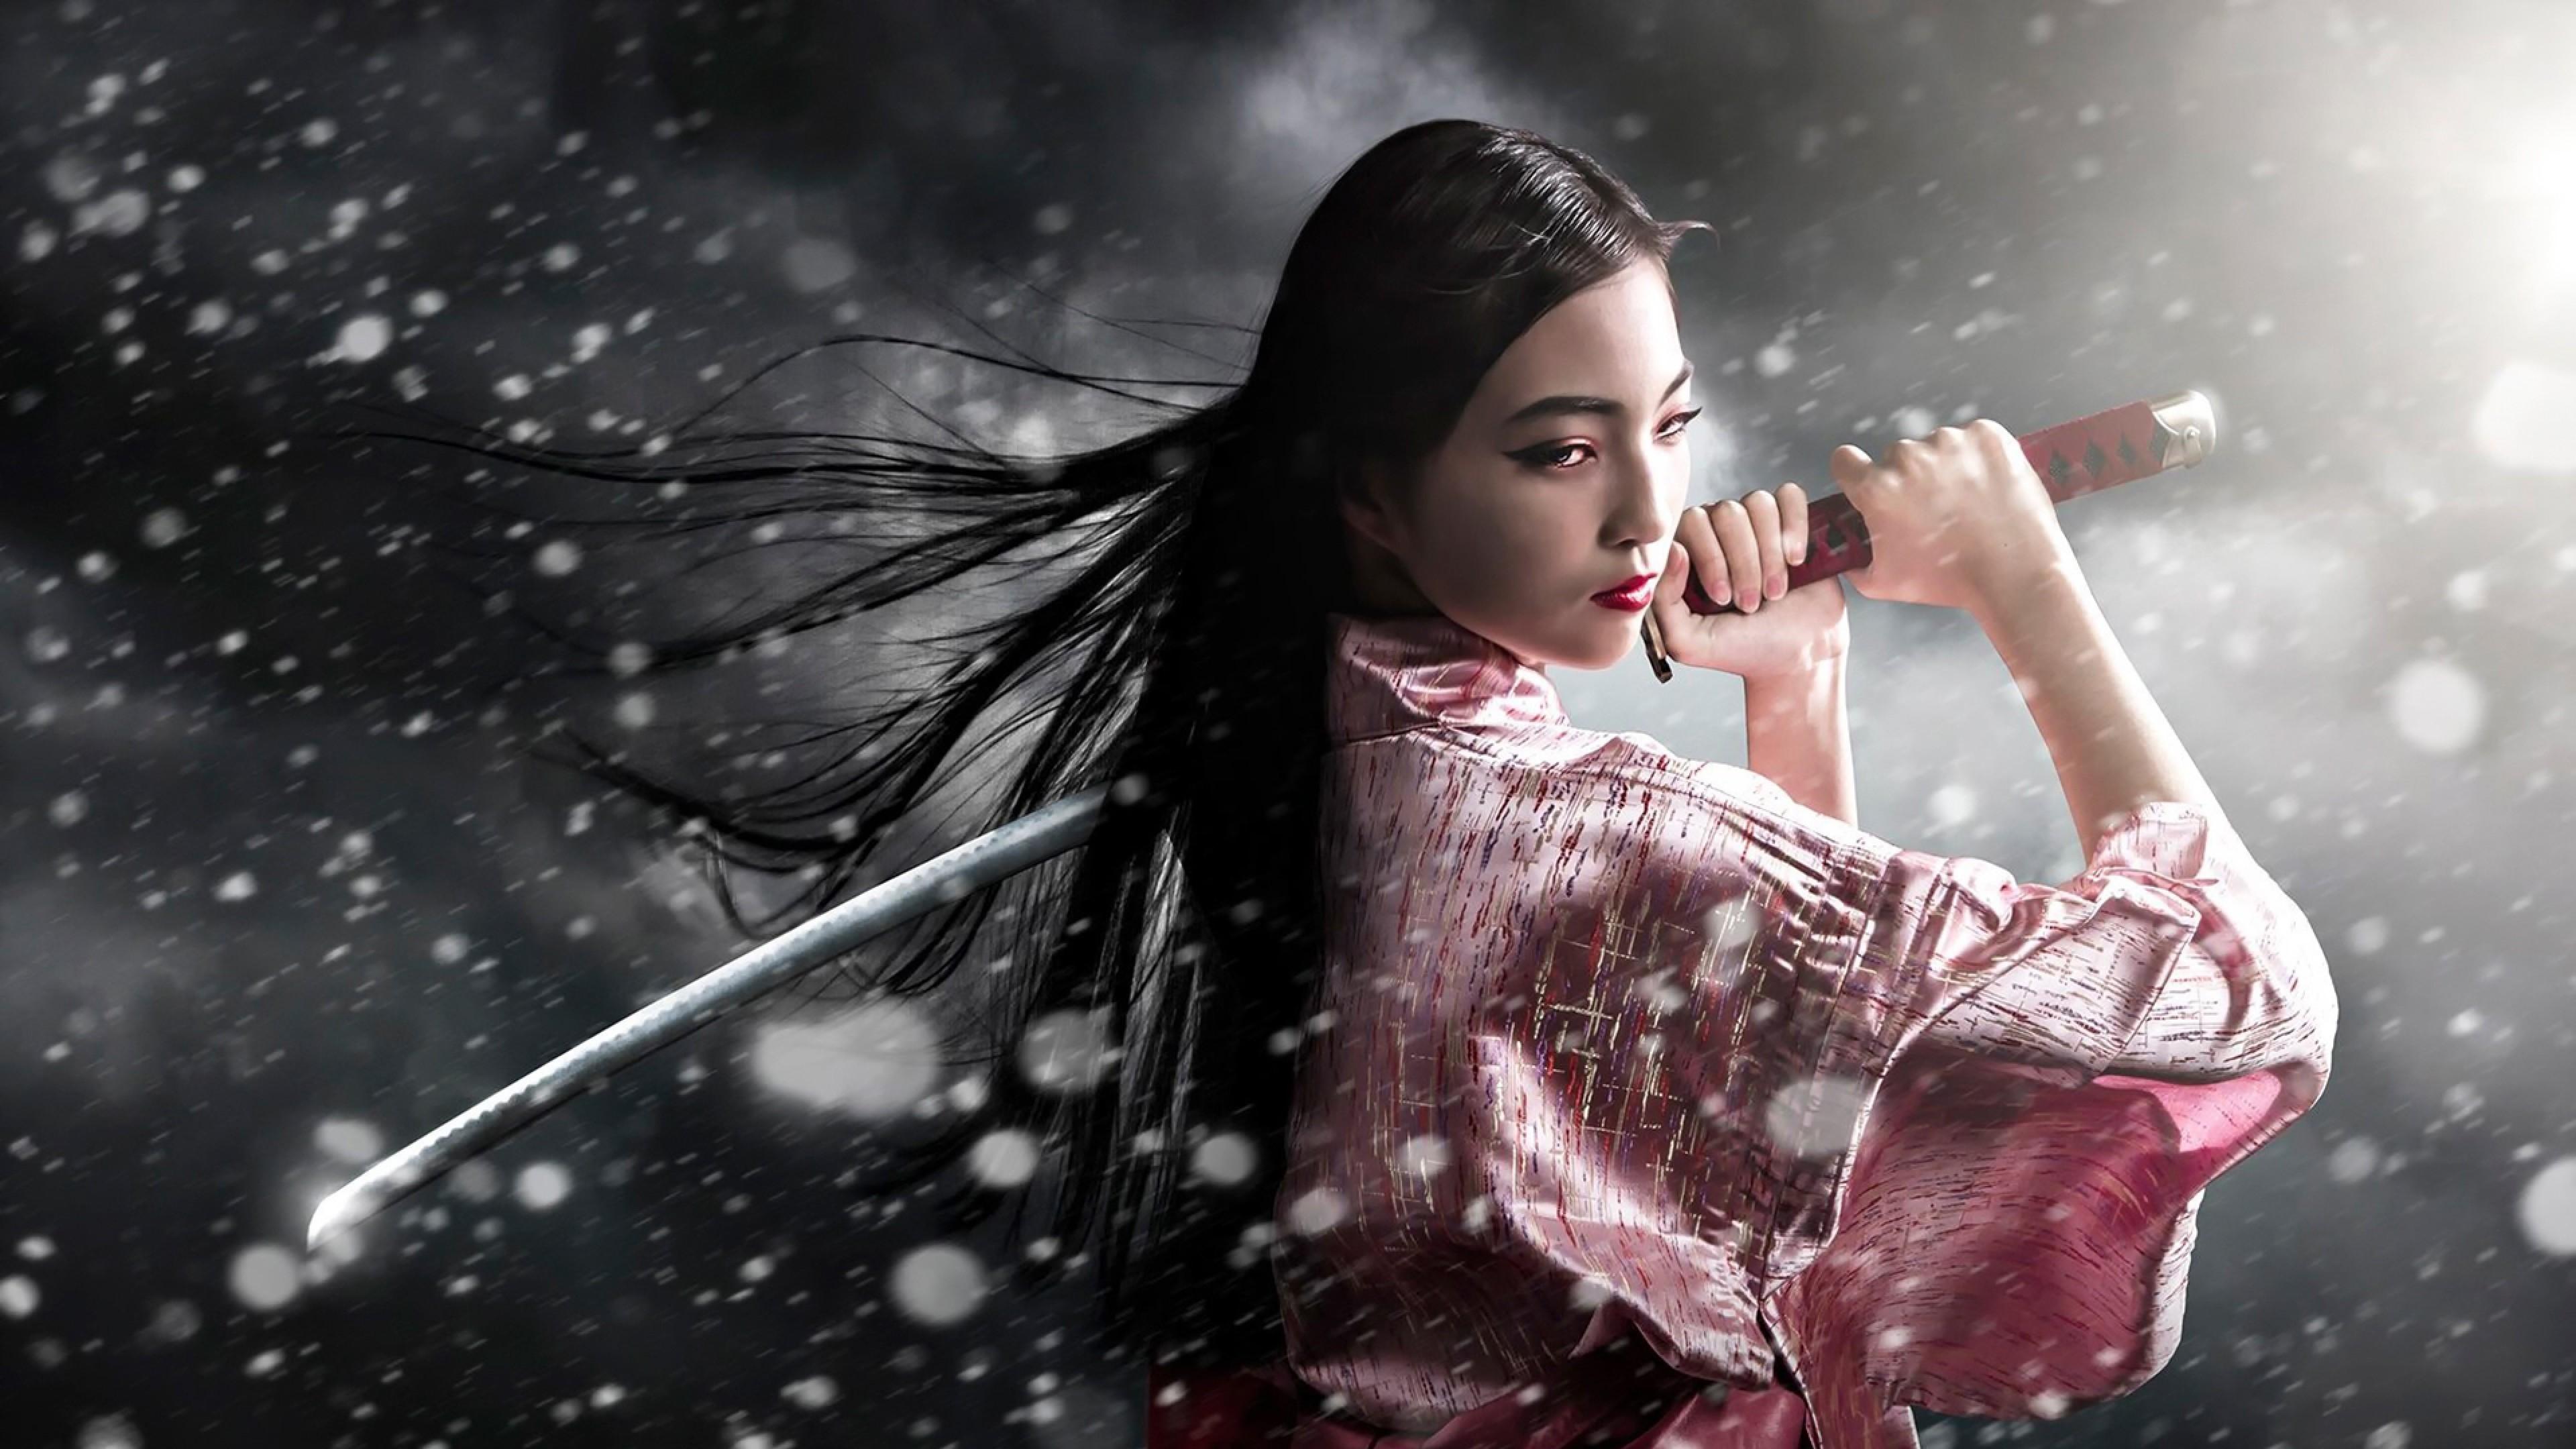 Anjaneyasana With Girl 4k Wallpaper: Female Anime Samurai Wallpaper (65+ Images